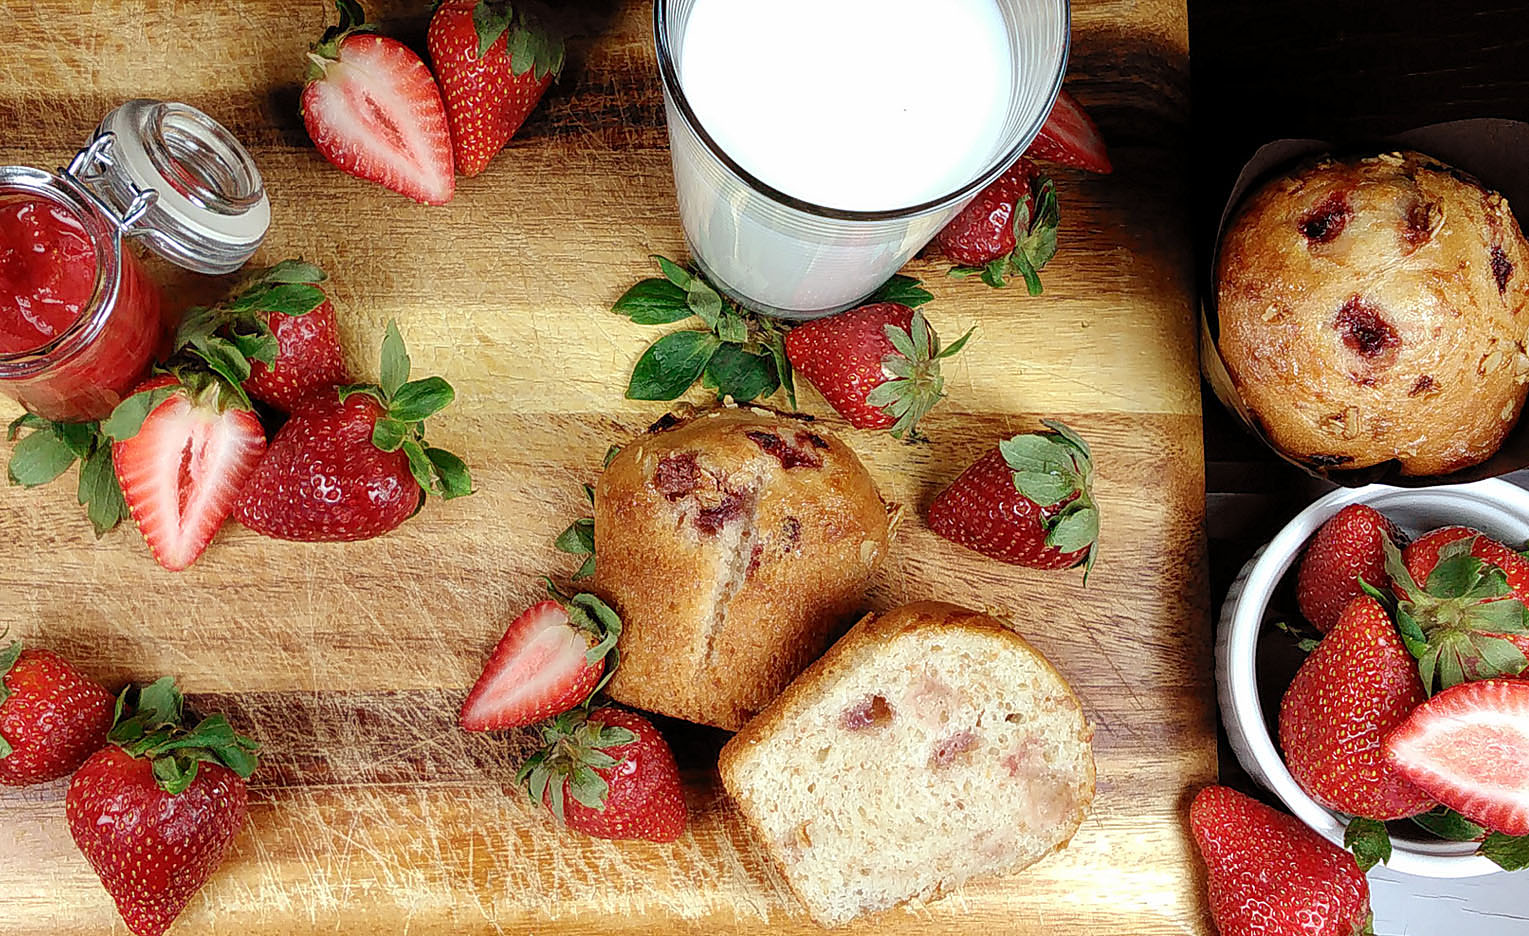 Vive les fraises!